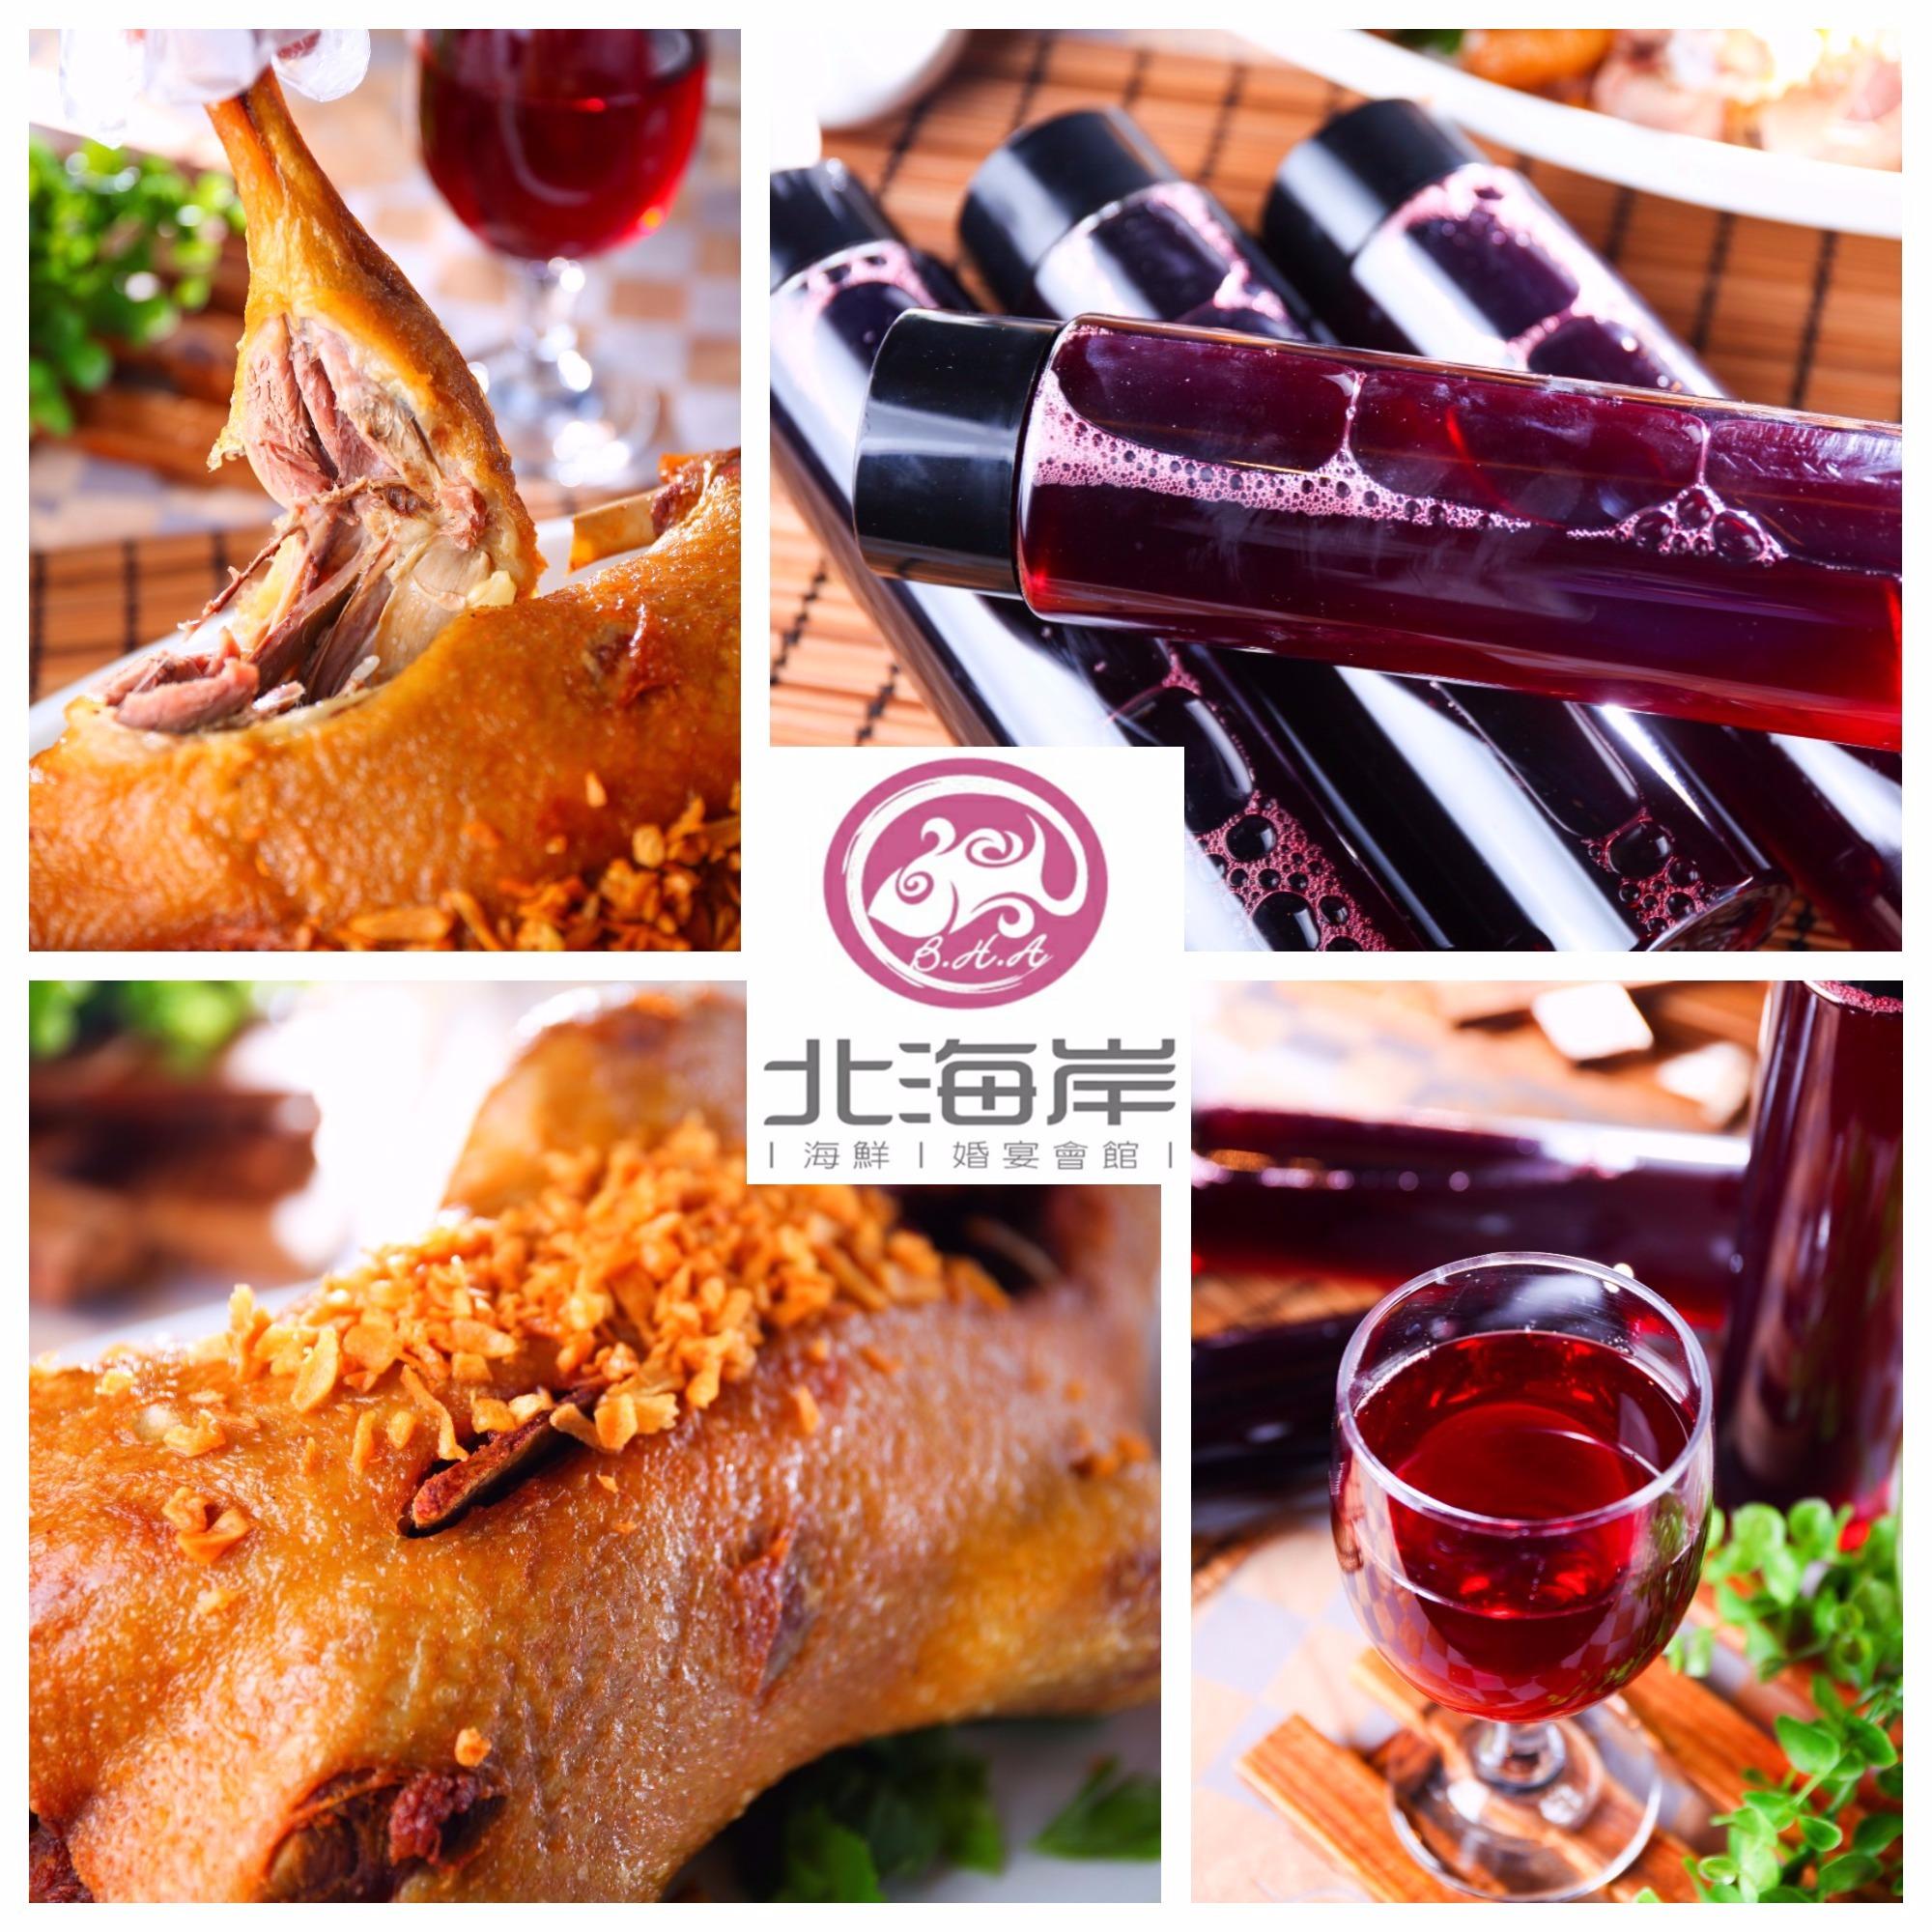 台中北海岸海鮮婚宴會館- 招牌「香酥鴨套餐」